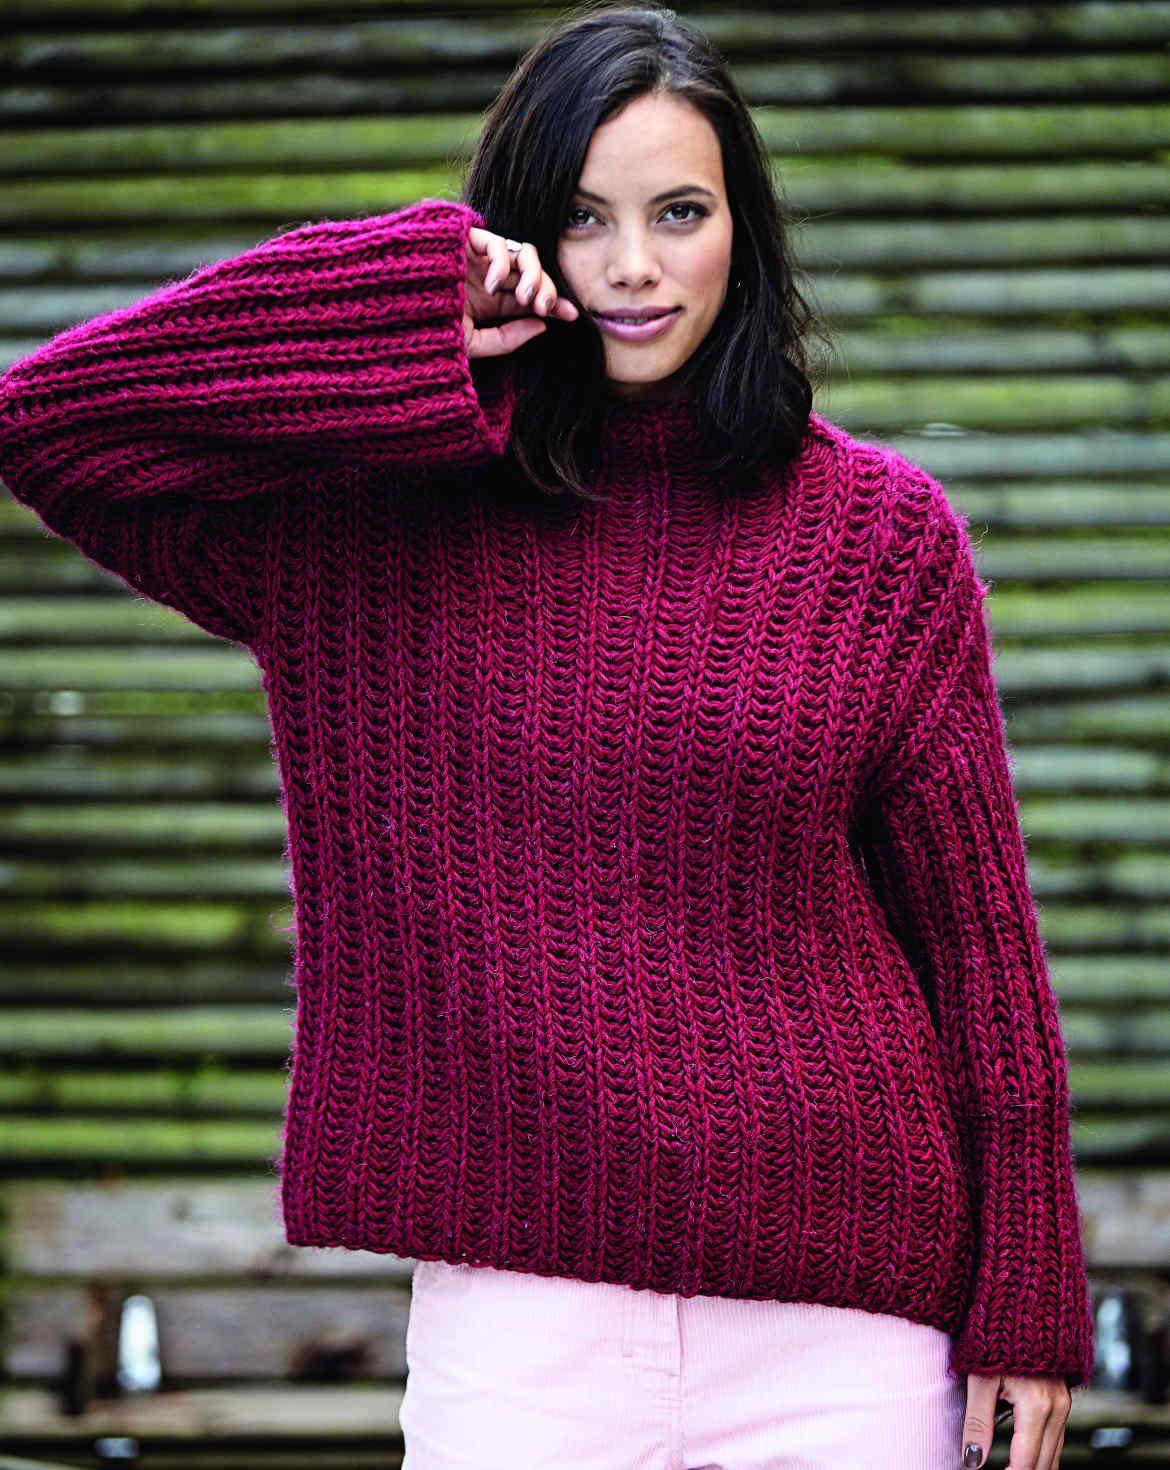 Dieses Rot wird bestimmt Aufsehen erregen. Nutze diese schöne Farbe, um alle Aufmerksamkeit auf dich zu ziehen. Stricke dieses Modell in rot. Der Pullover wird im Patentmuster gestrickt. Es ist ein bequemes Modell mit weiten Ärmeln.